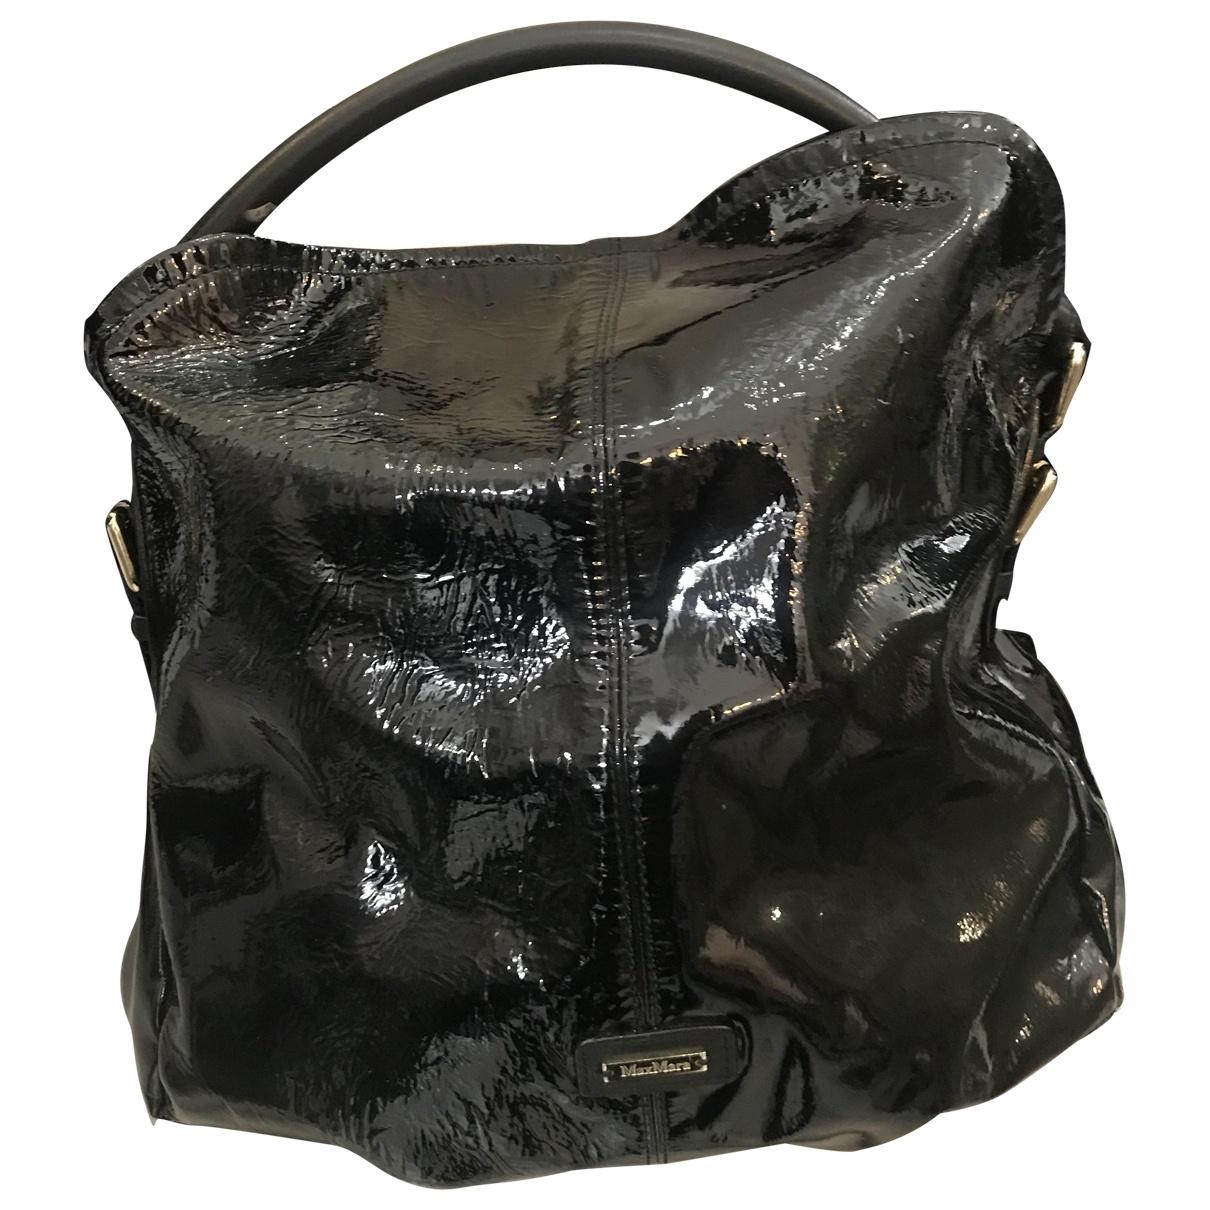 Max Mara \N Handtasche in  Schwarz Lackleder